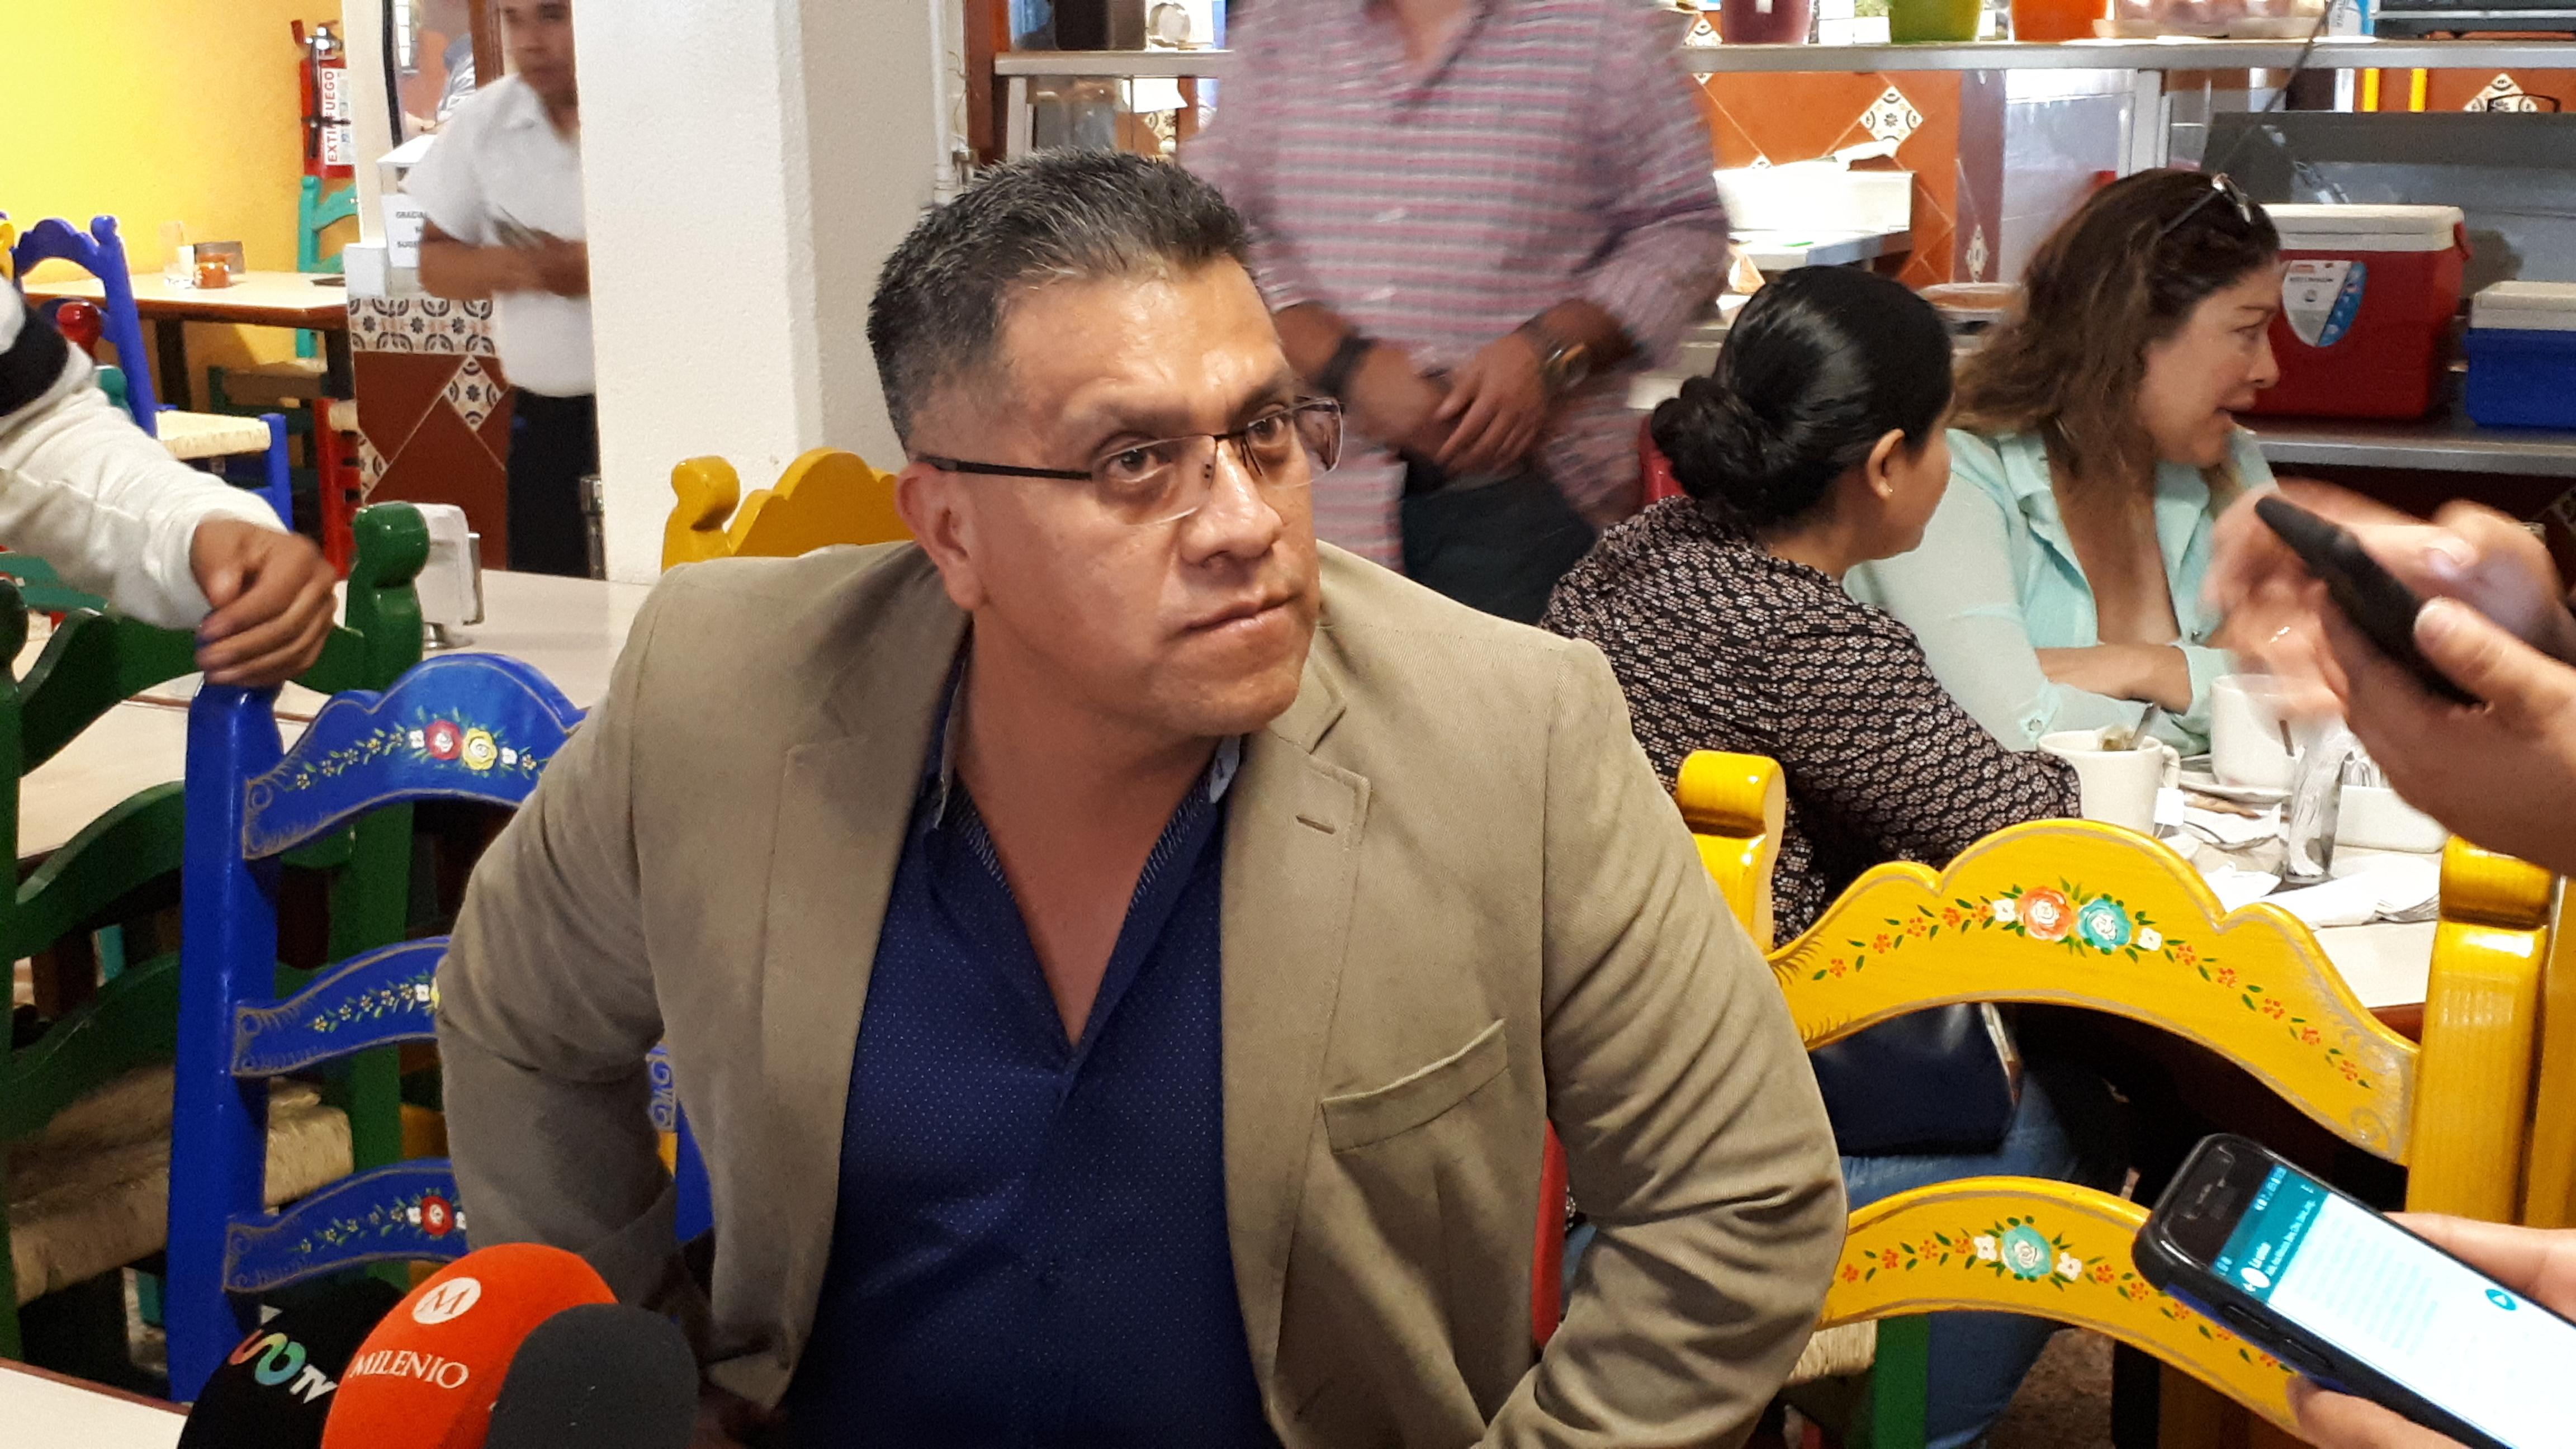 Ricardo Sanchez abogado